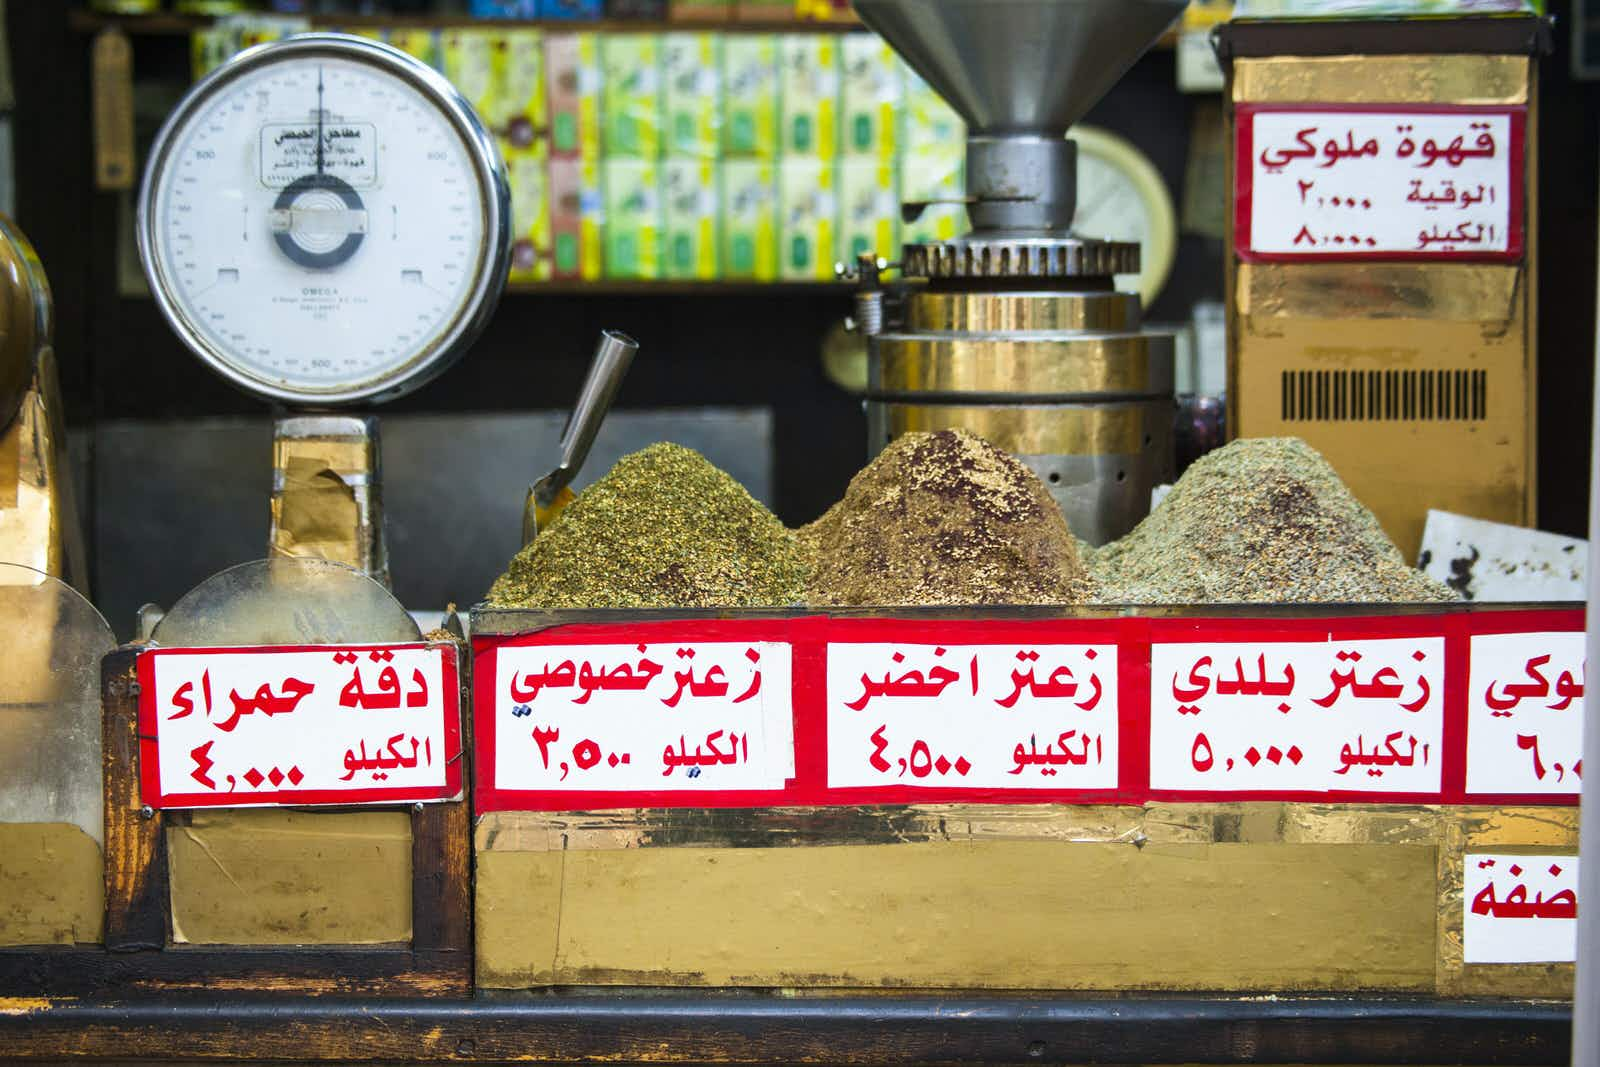 â??SOUK JARAâ?? STREET MARKET, vegtables for sale-spices